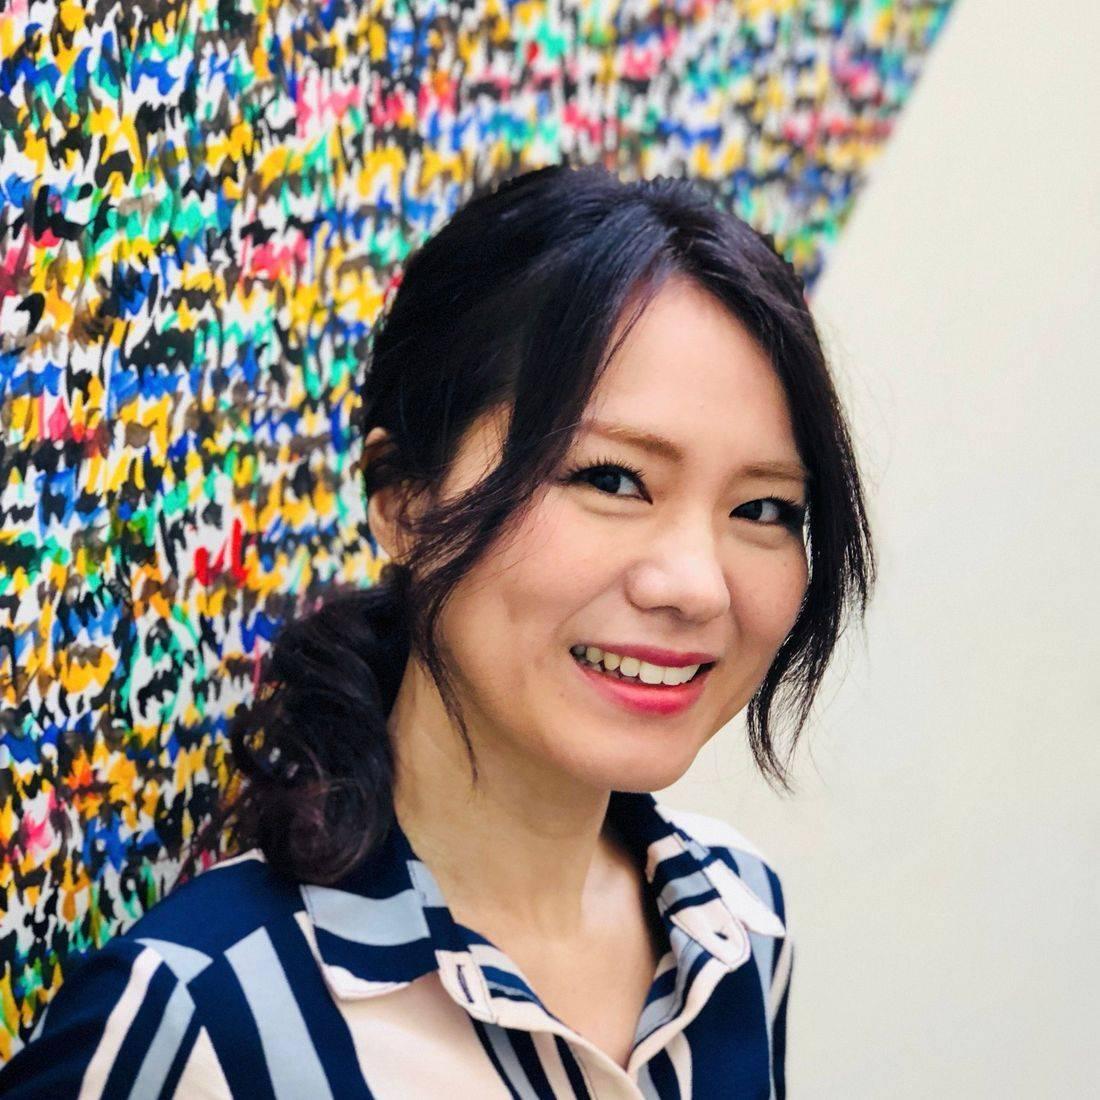 kaori arume  カオリ グラフィティ ヘア ロンドン 美容院 美容室 日系 graffiti hair studio 口コミ